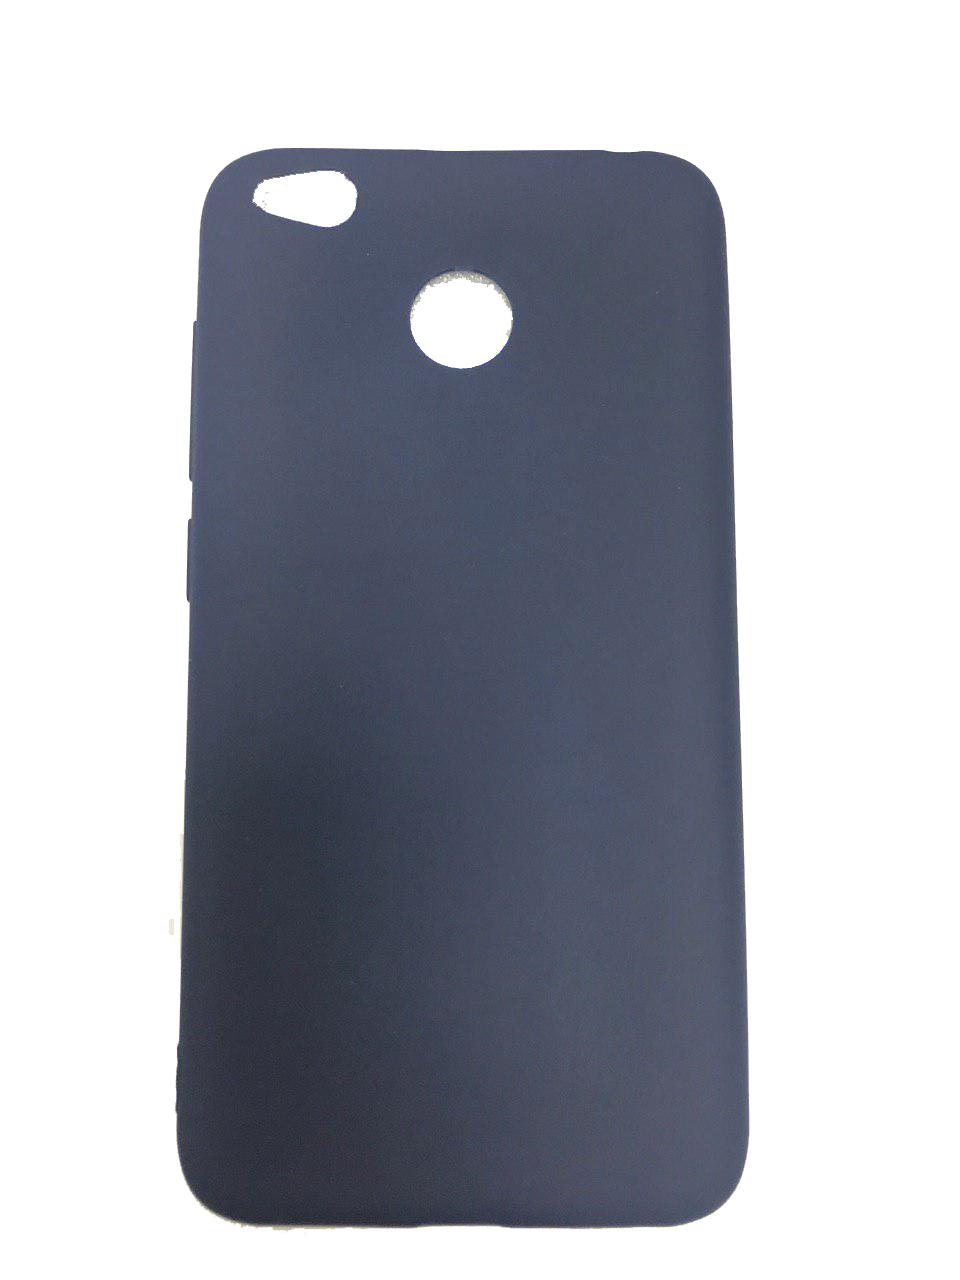 цена Чехол для сотового телефона Simply Чехол для Xiaomi Redmi Note 4X (Темно-синий ), темно-синий онлайн в 2017 году